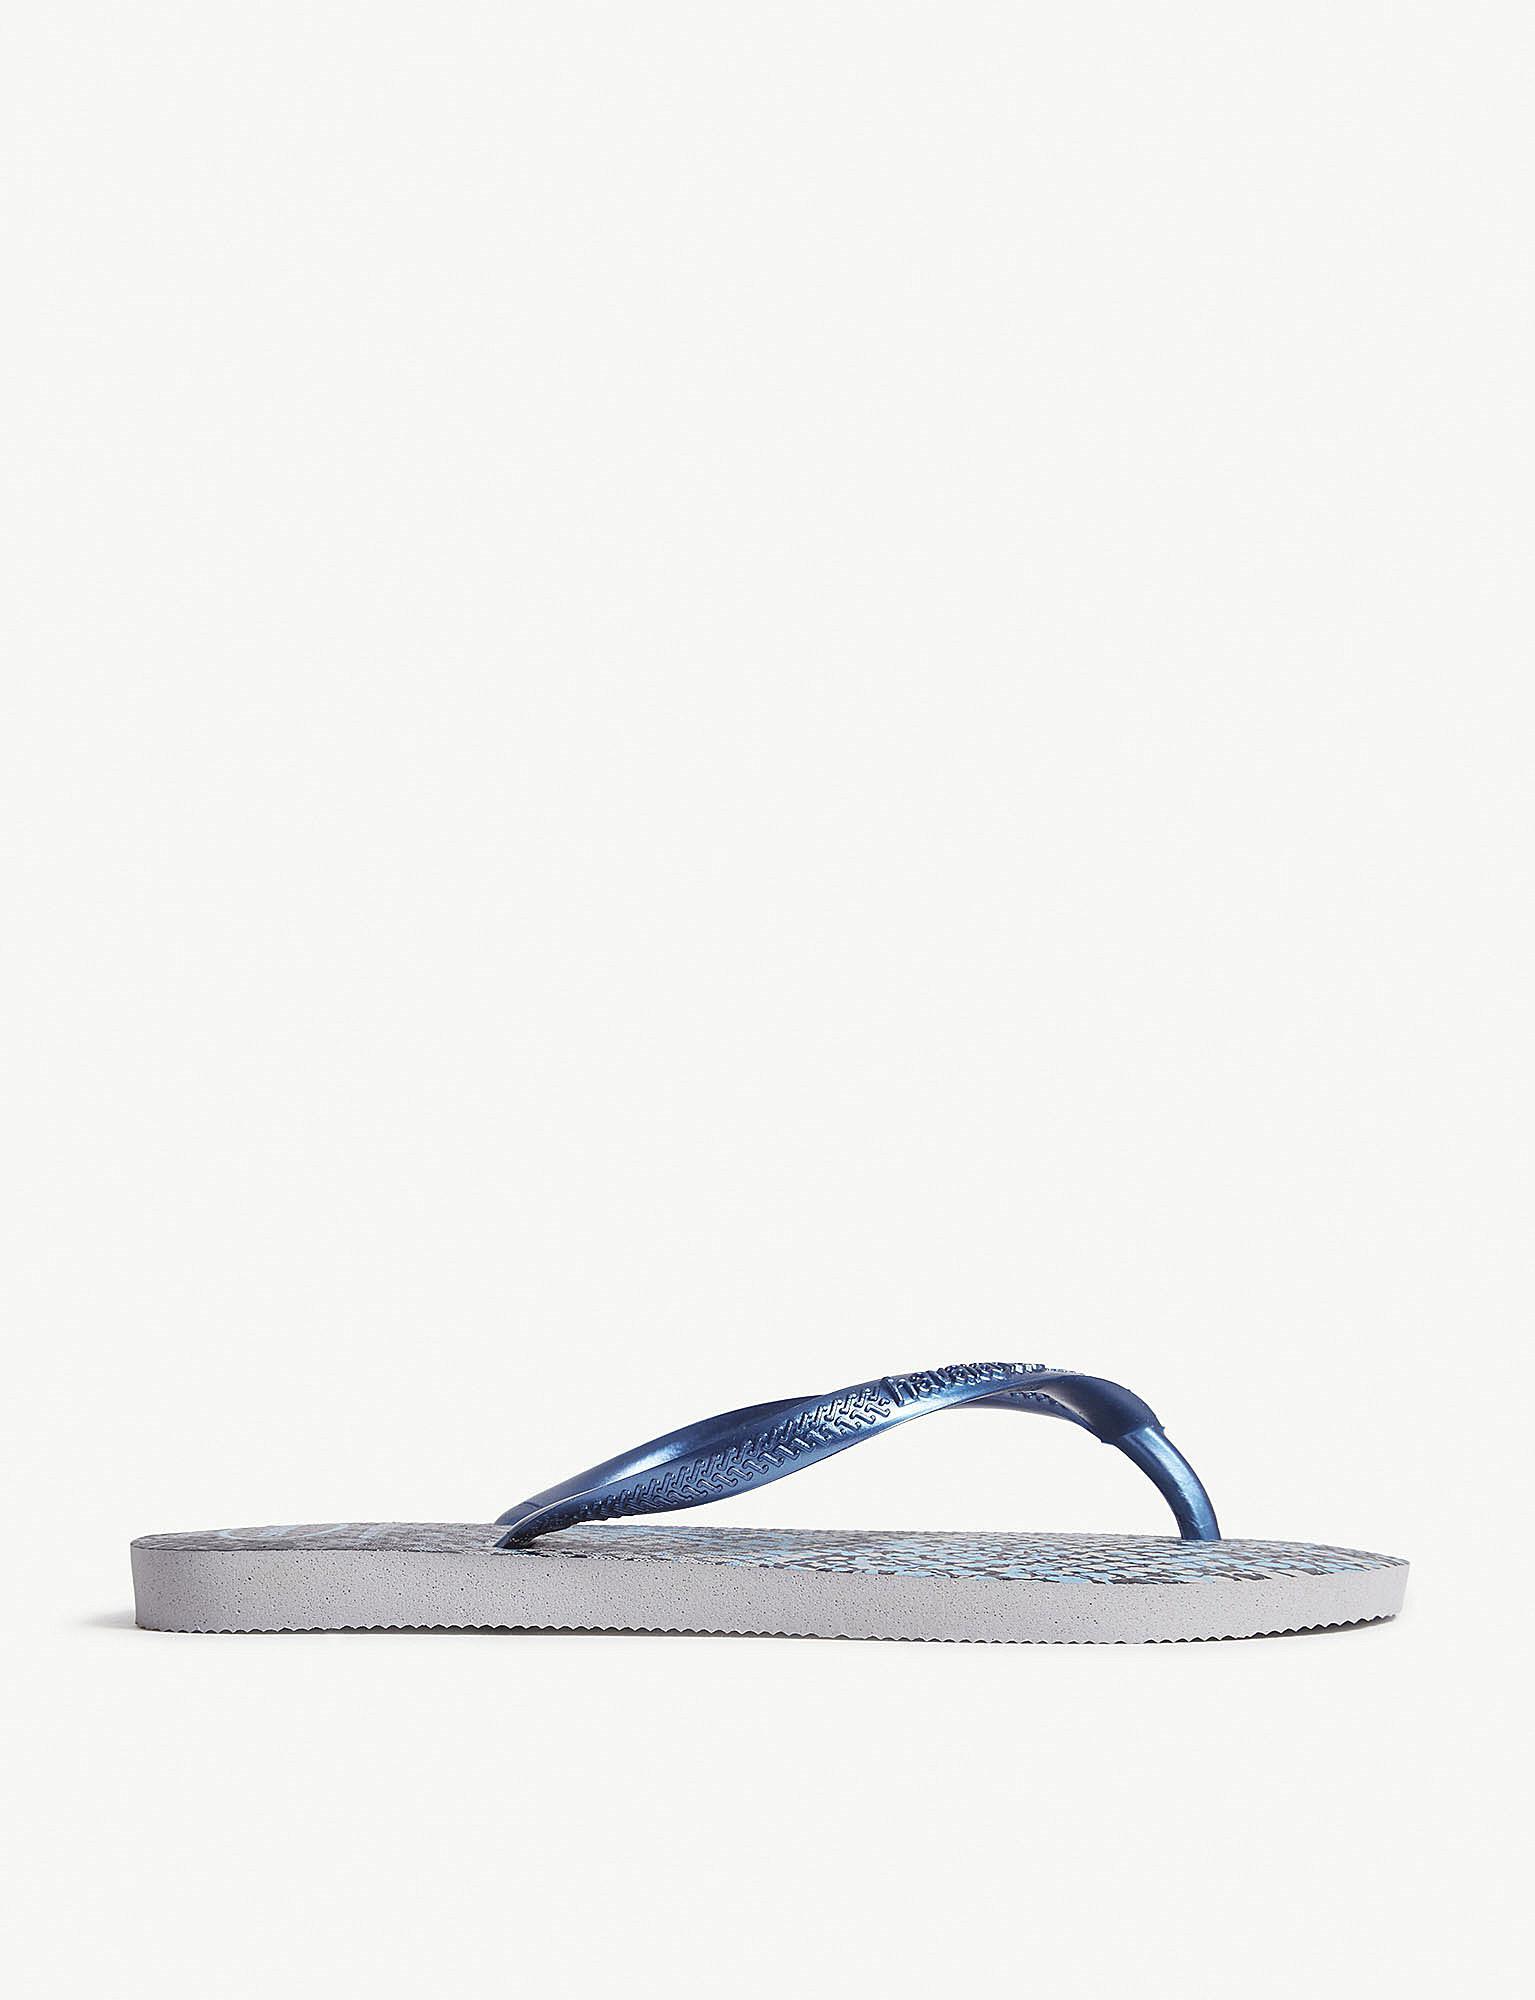 915b051b6 Lyst - Havaianas Slim Rubber Flip-flops in Blue